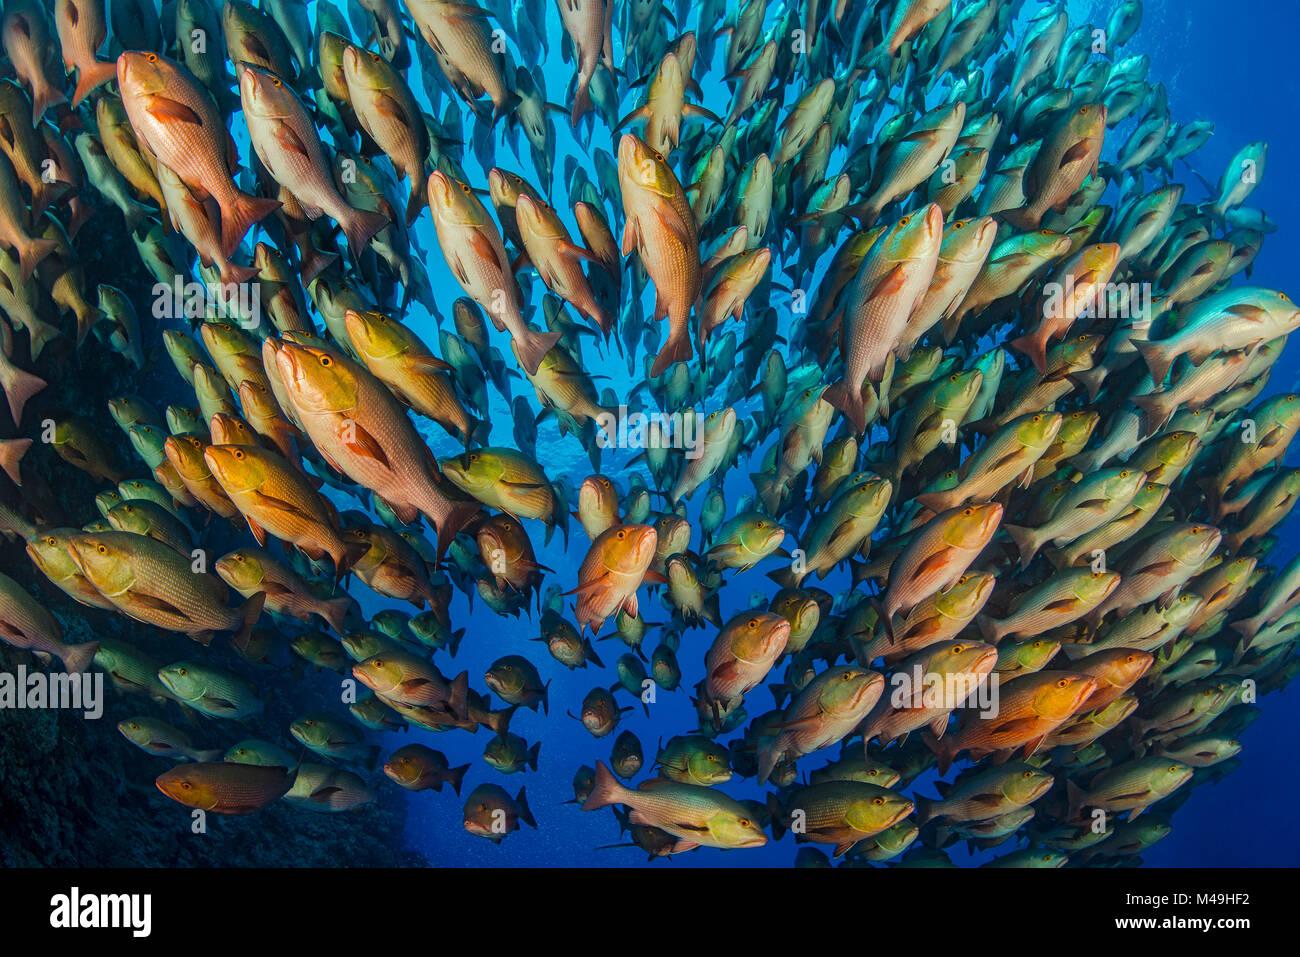 Bohar snapper (Lutjanus bohar) school at Ras Mohammed,  Shark Reef, Ras Mohammed, Sinai, Egypt. Red Sea. - Stock Image